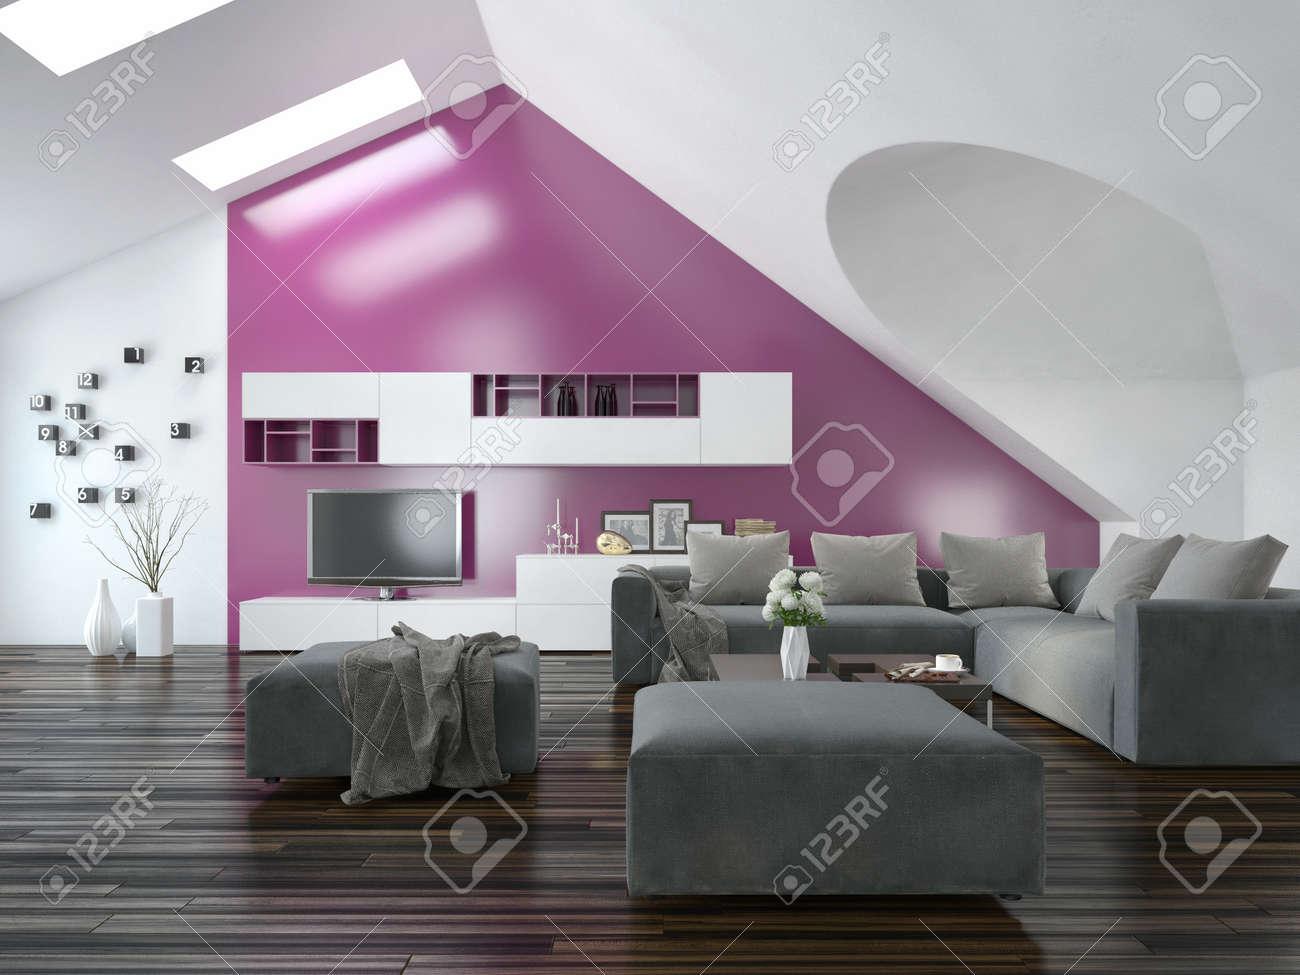 Modern appartement woonkamer interieur met een paars accent muur ...